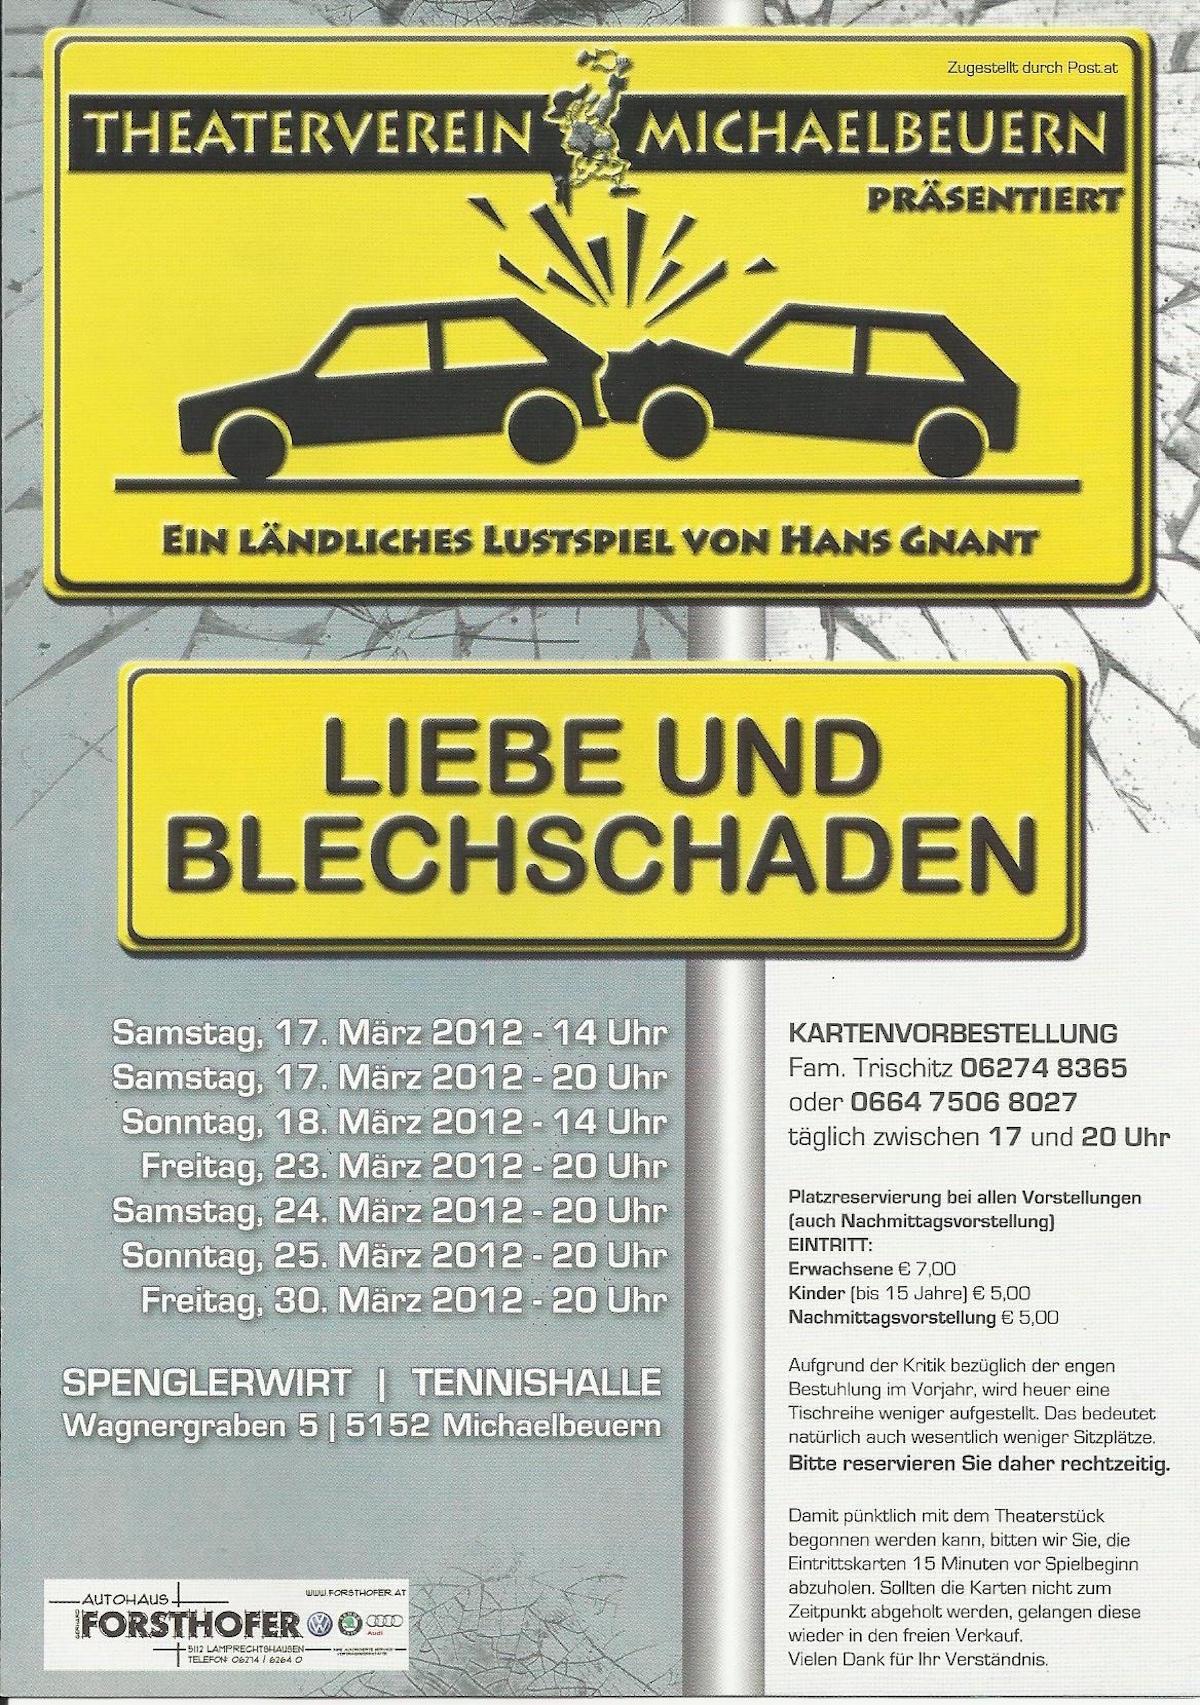 TV 2012 Liebe und Blechschaden0001